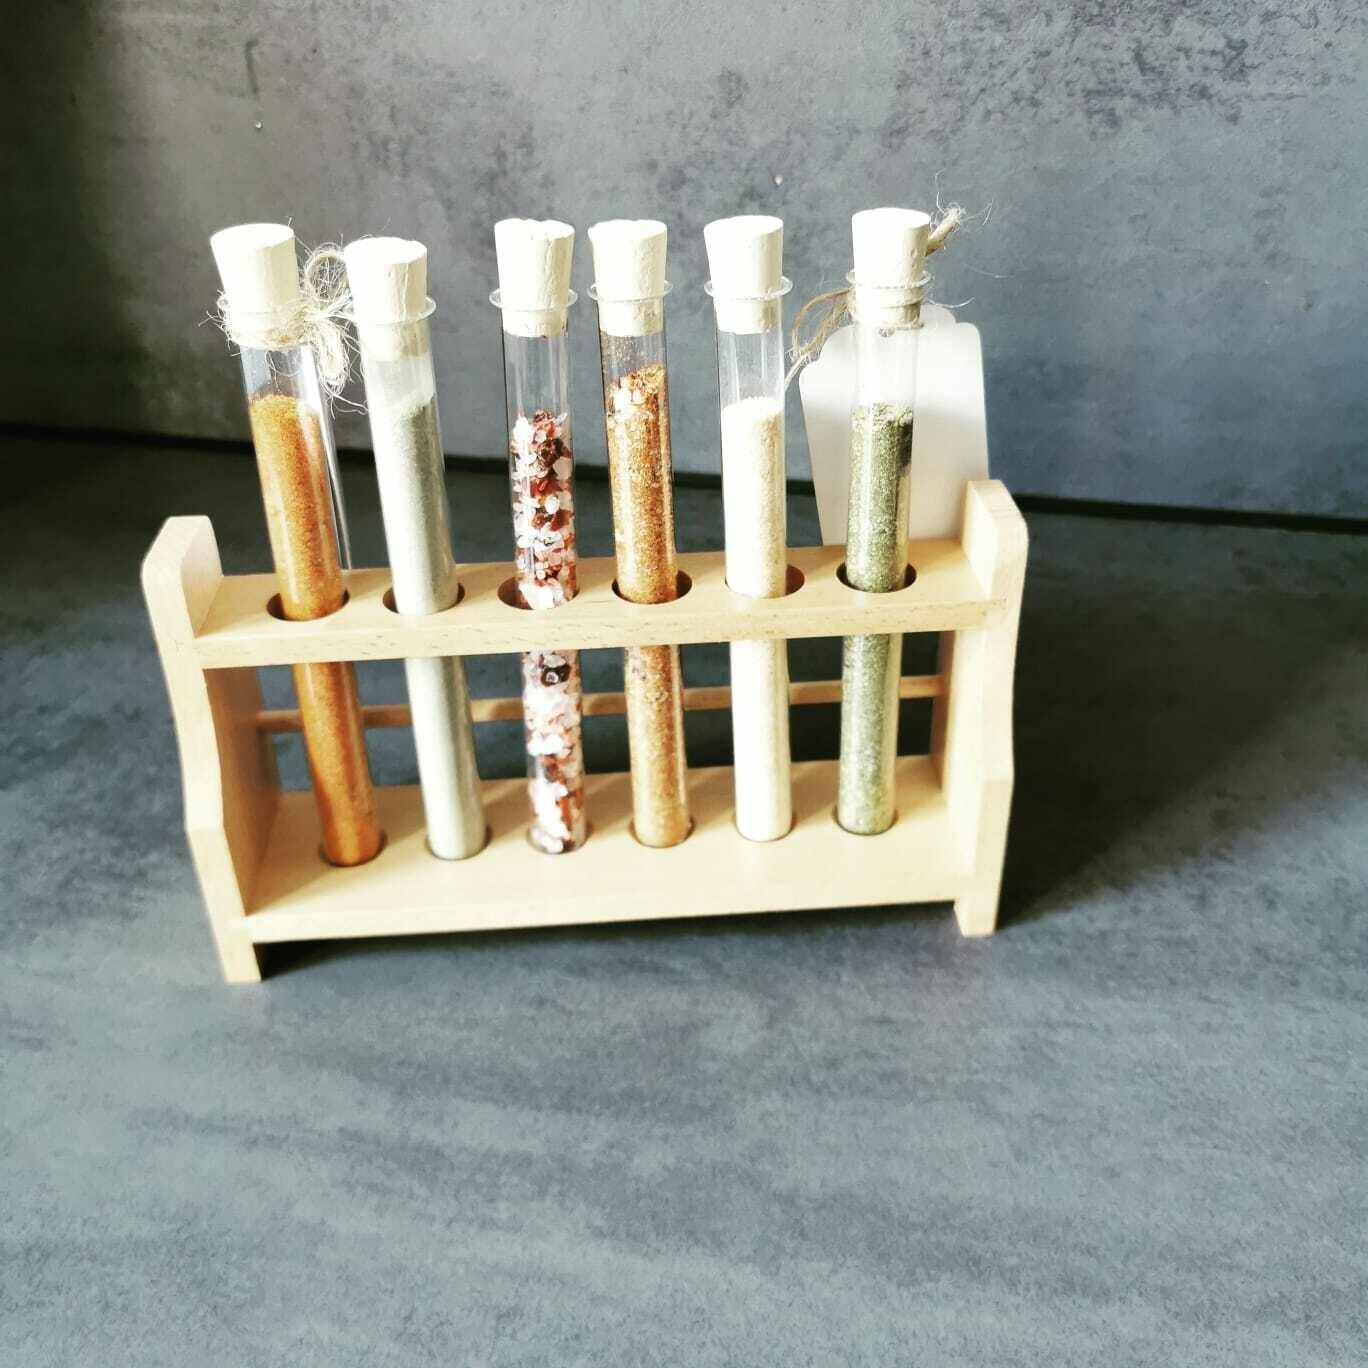 Gewürzset-Reagenzglas